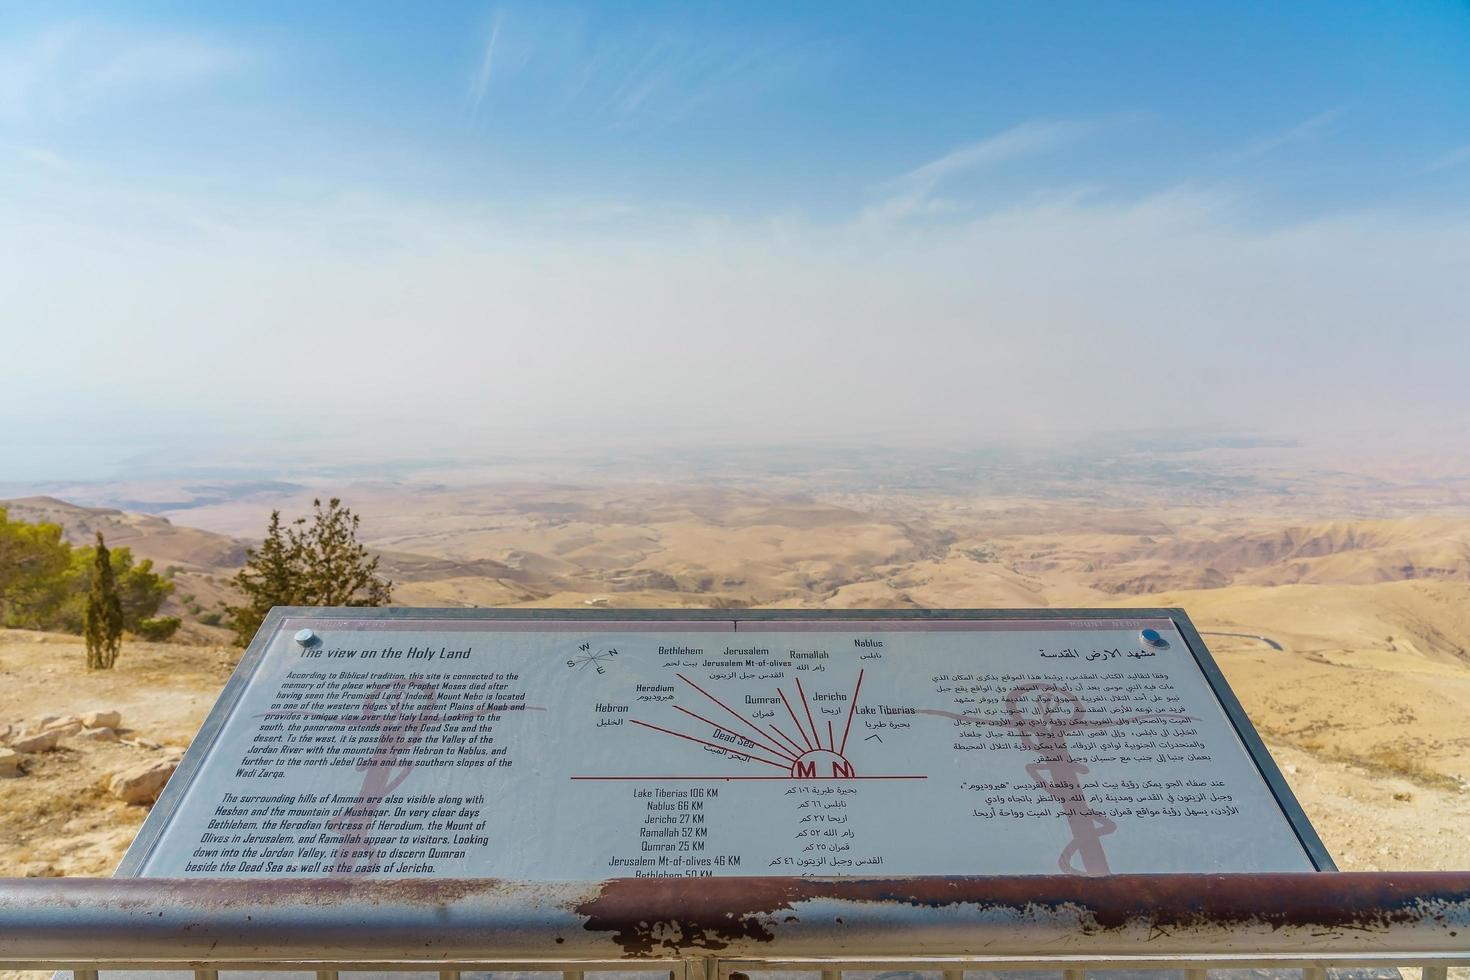 Mount Nebo, Jordanien 2018 - Visa i Mount Nebo med utsikt över det heliga landet och döda havet foto